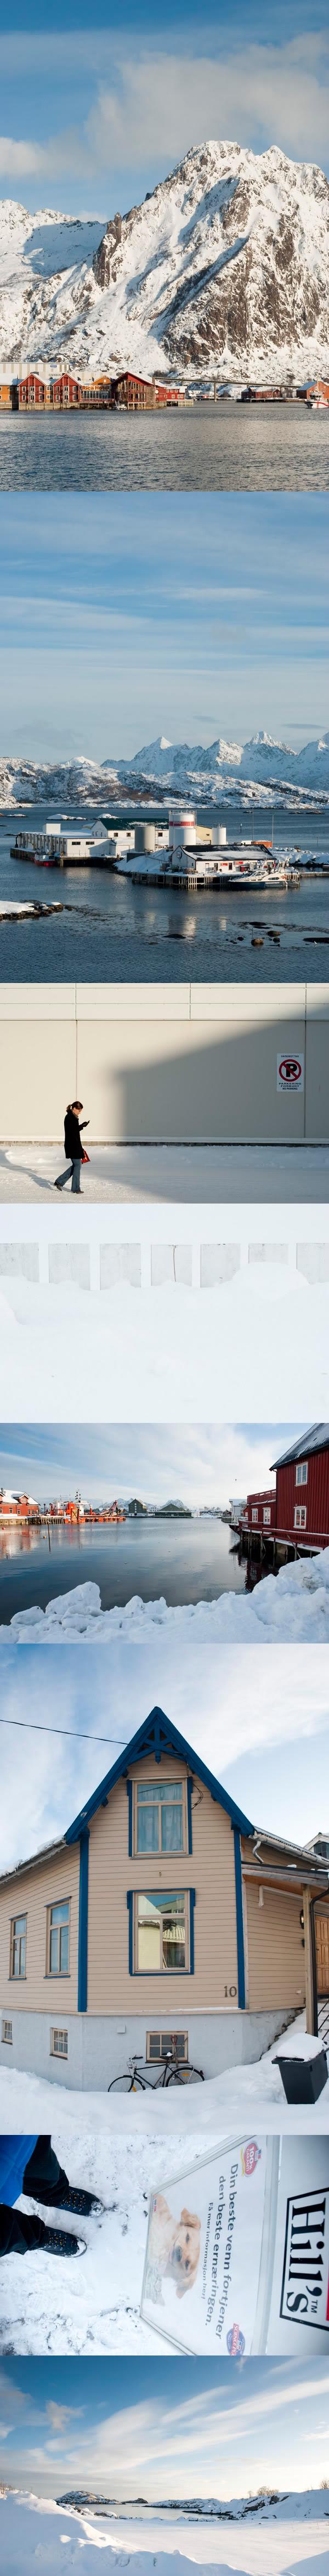 Mountains, gory, snow, snieg, Norwegia, Norway